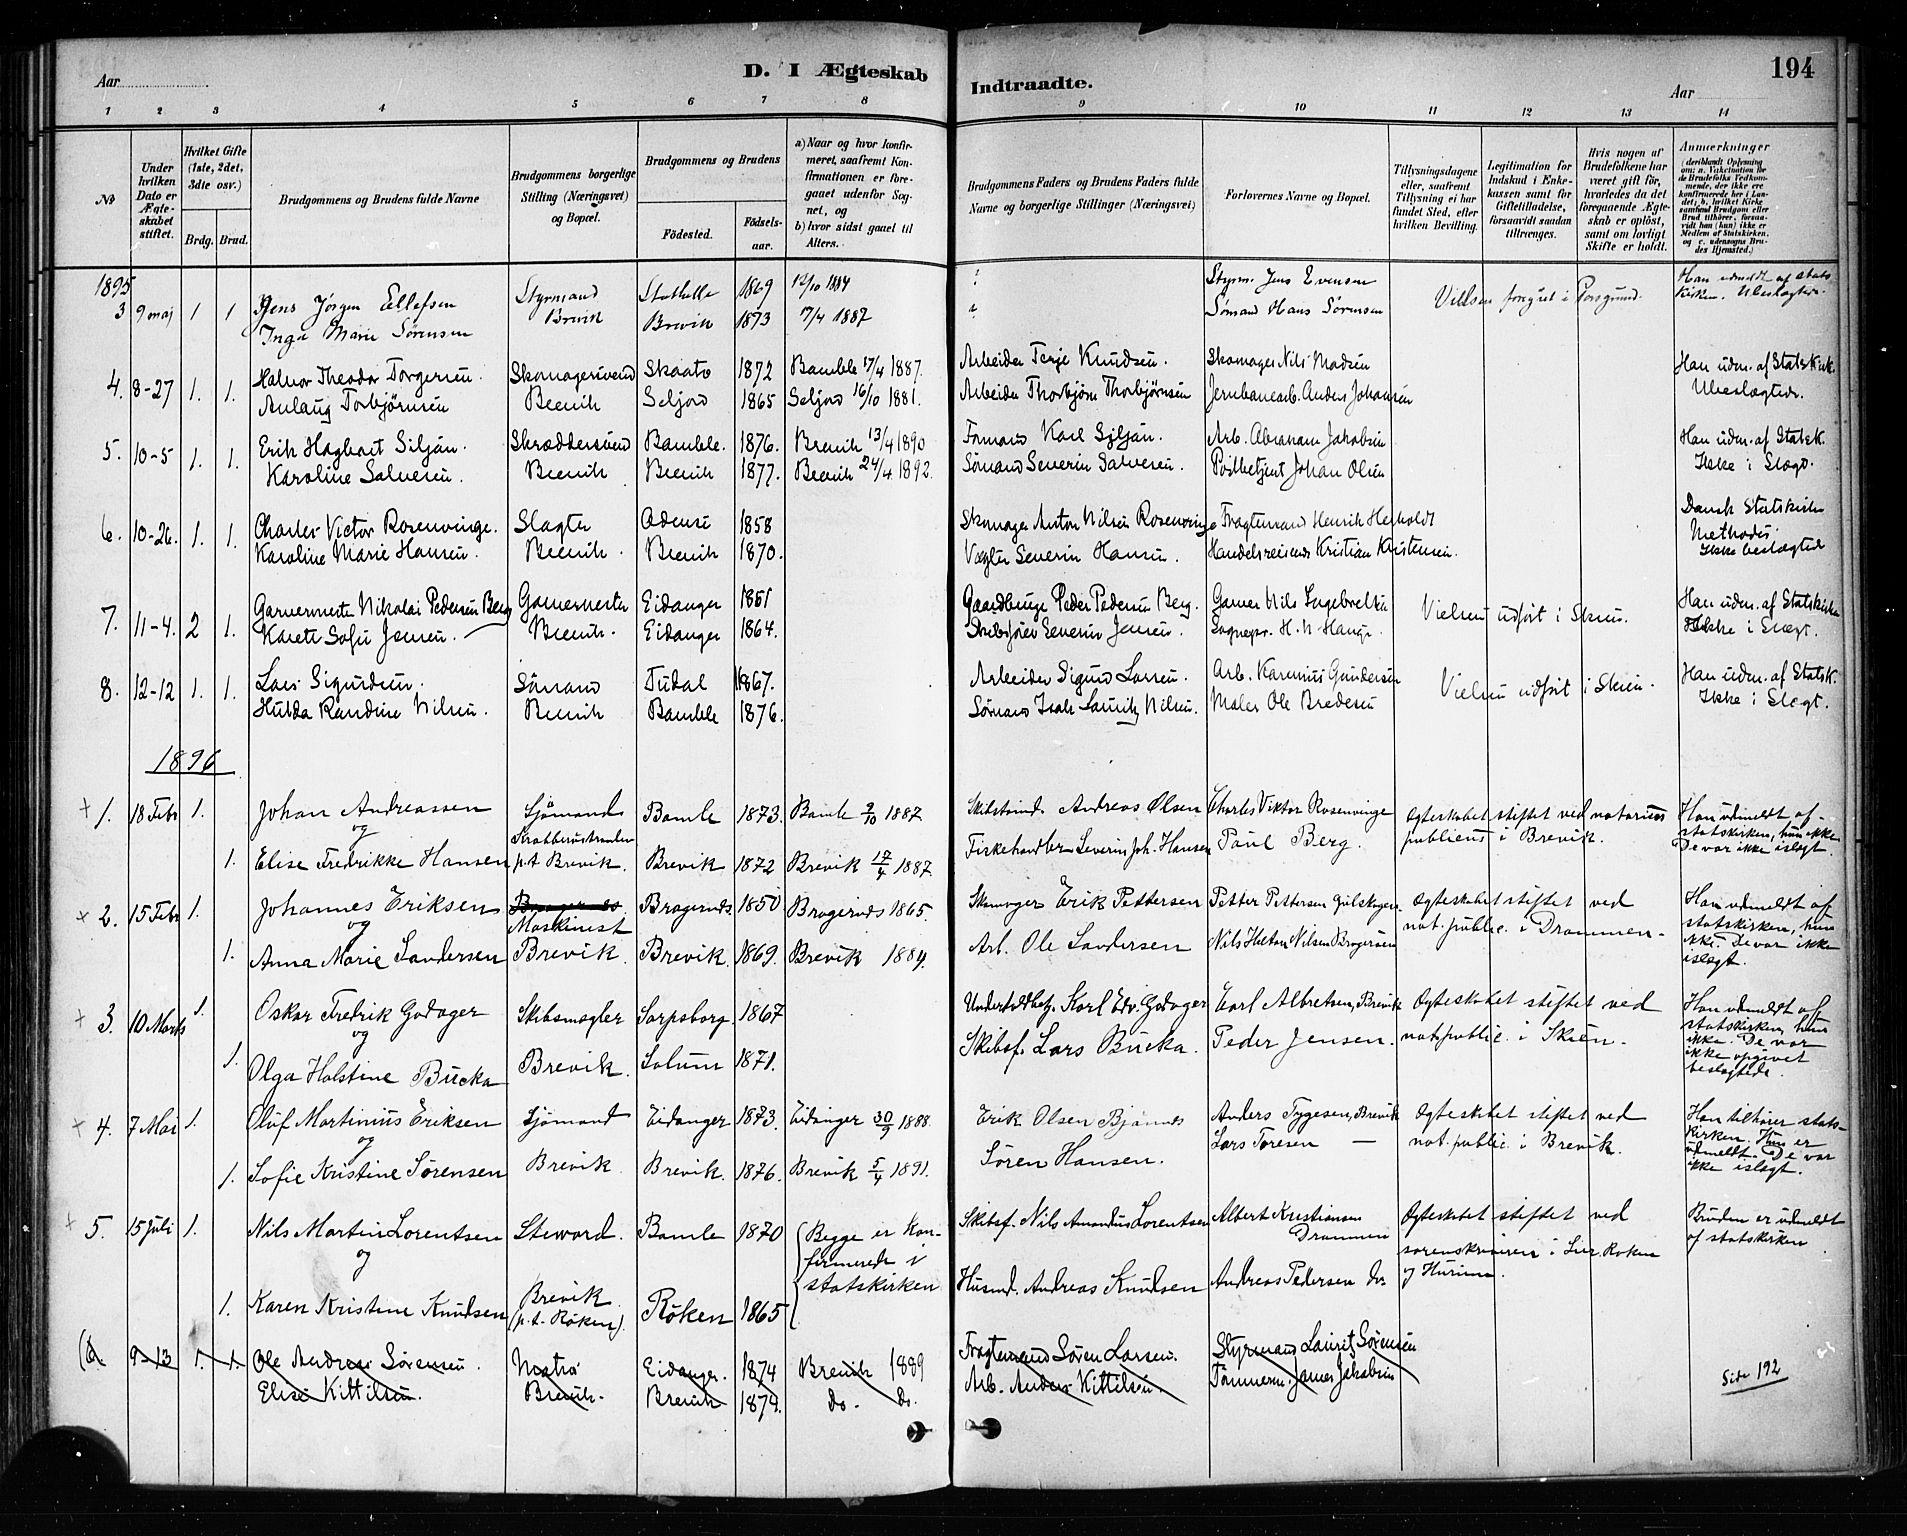 SAKO, Brevik kirkebøker, F/Fa/L0007: Ministerialbok nr. 7, 1882-1900, s. 194